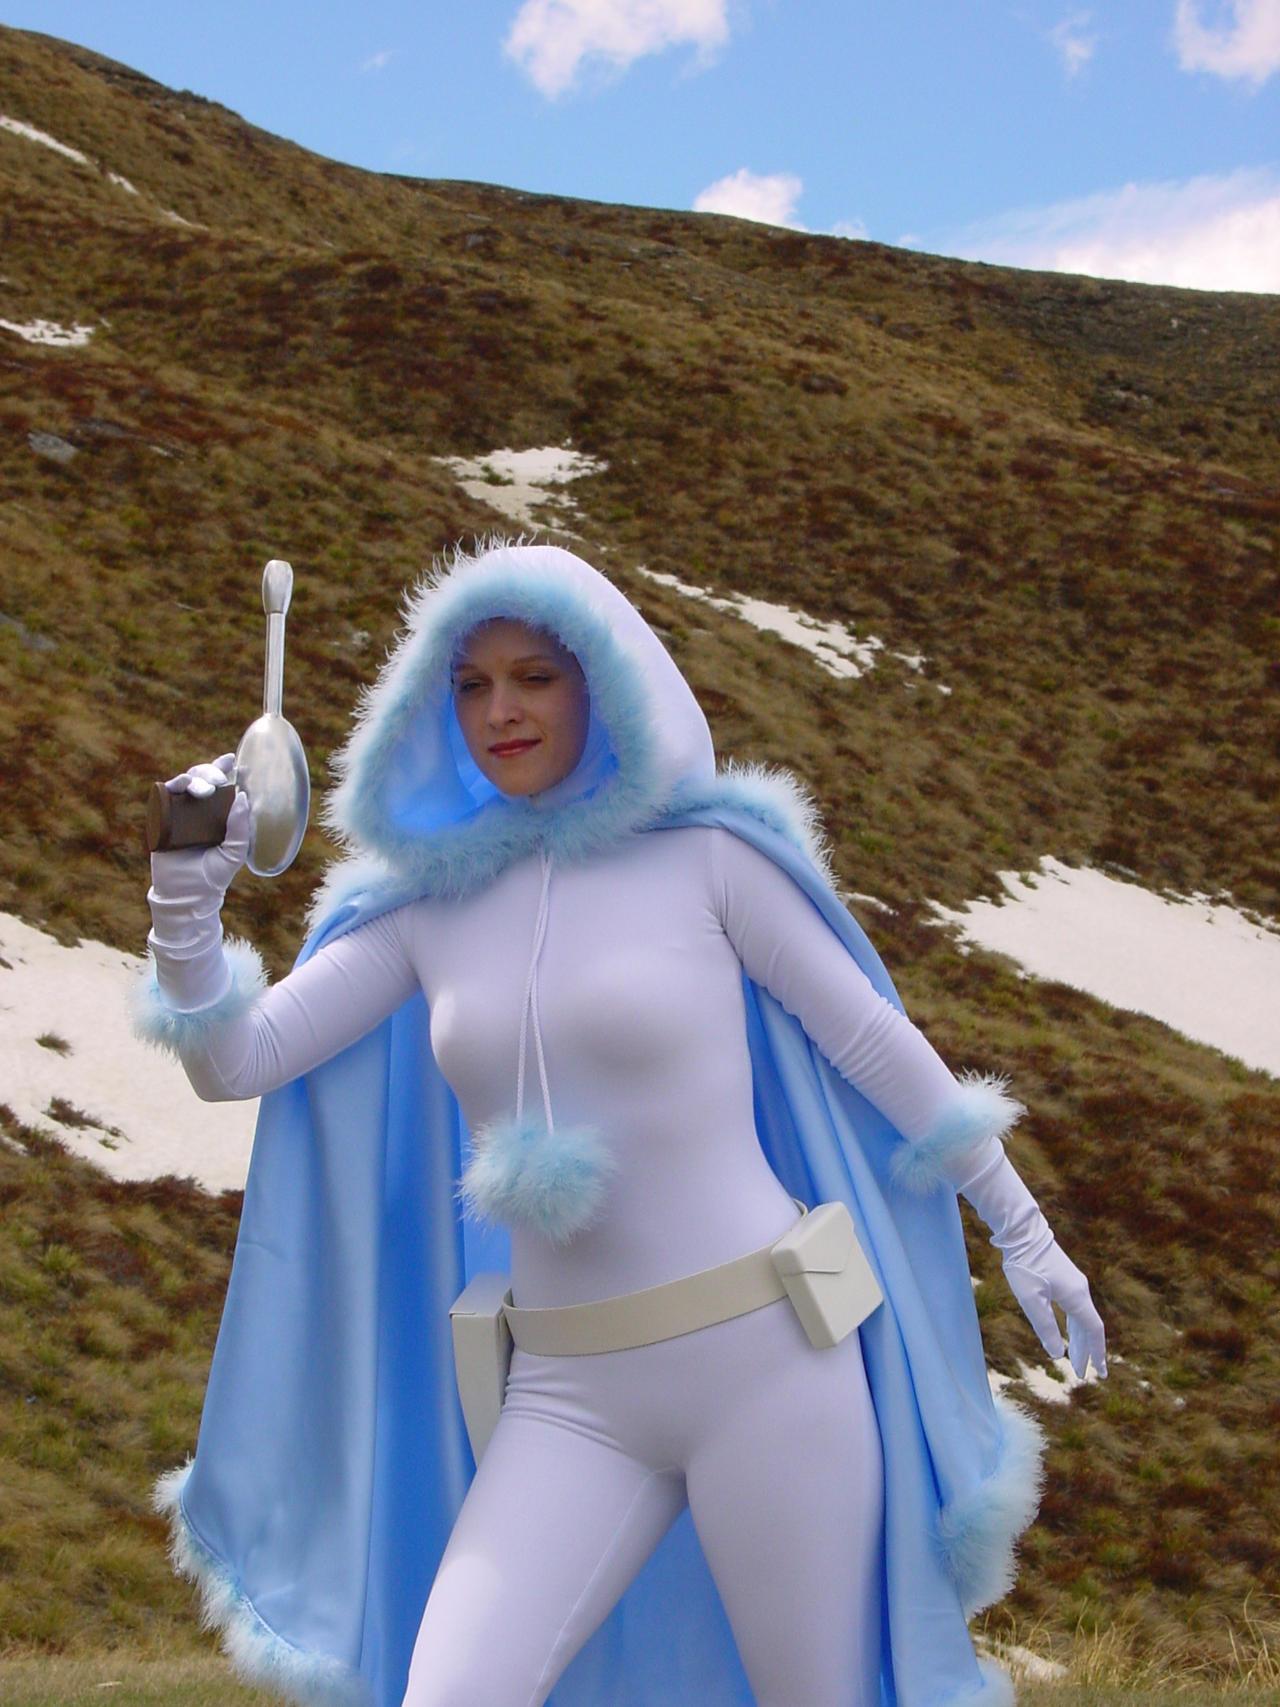 Snowbunny Padme' Amidala